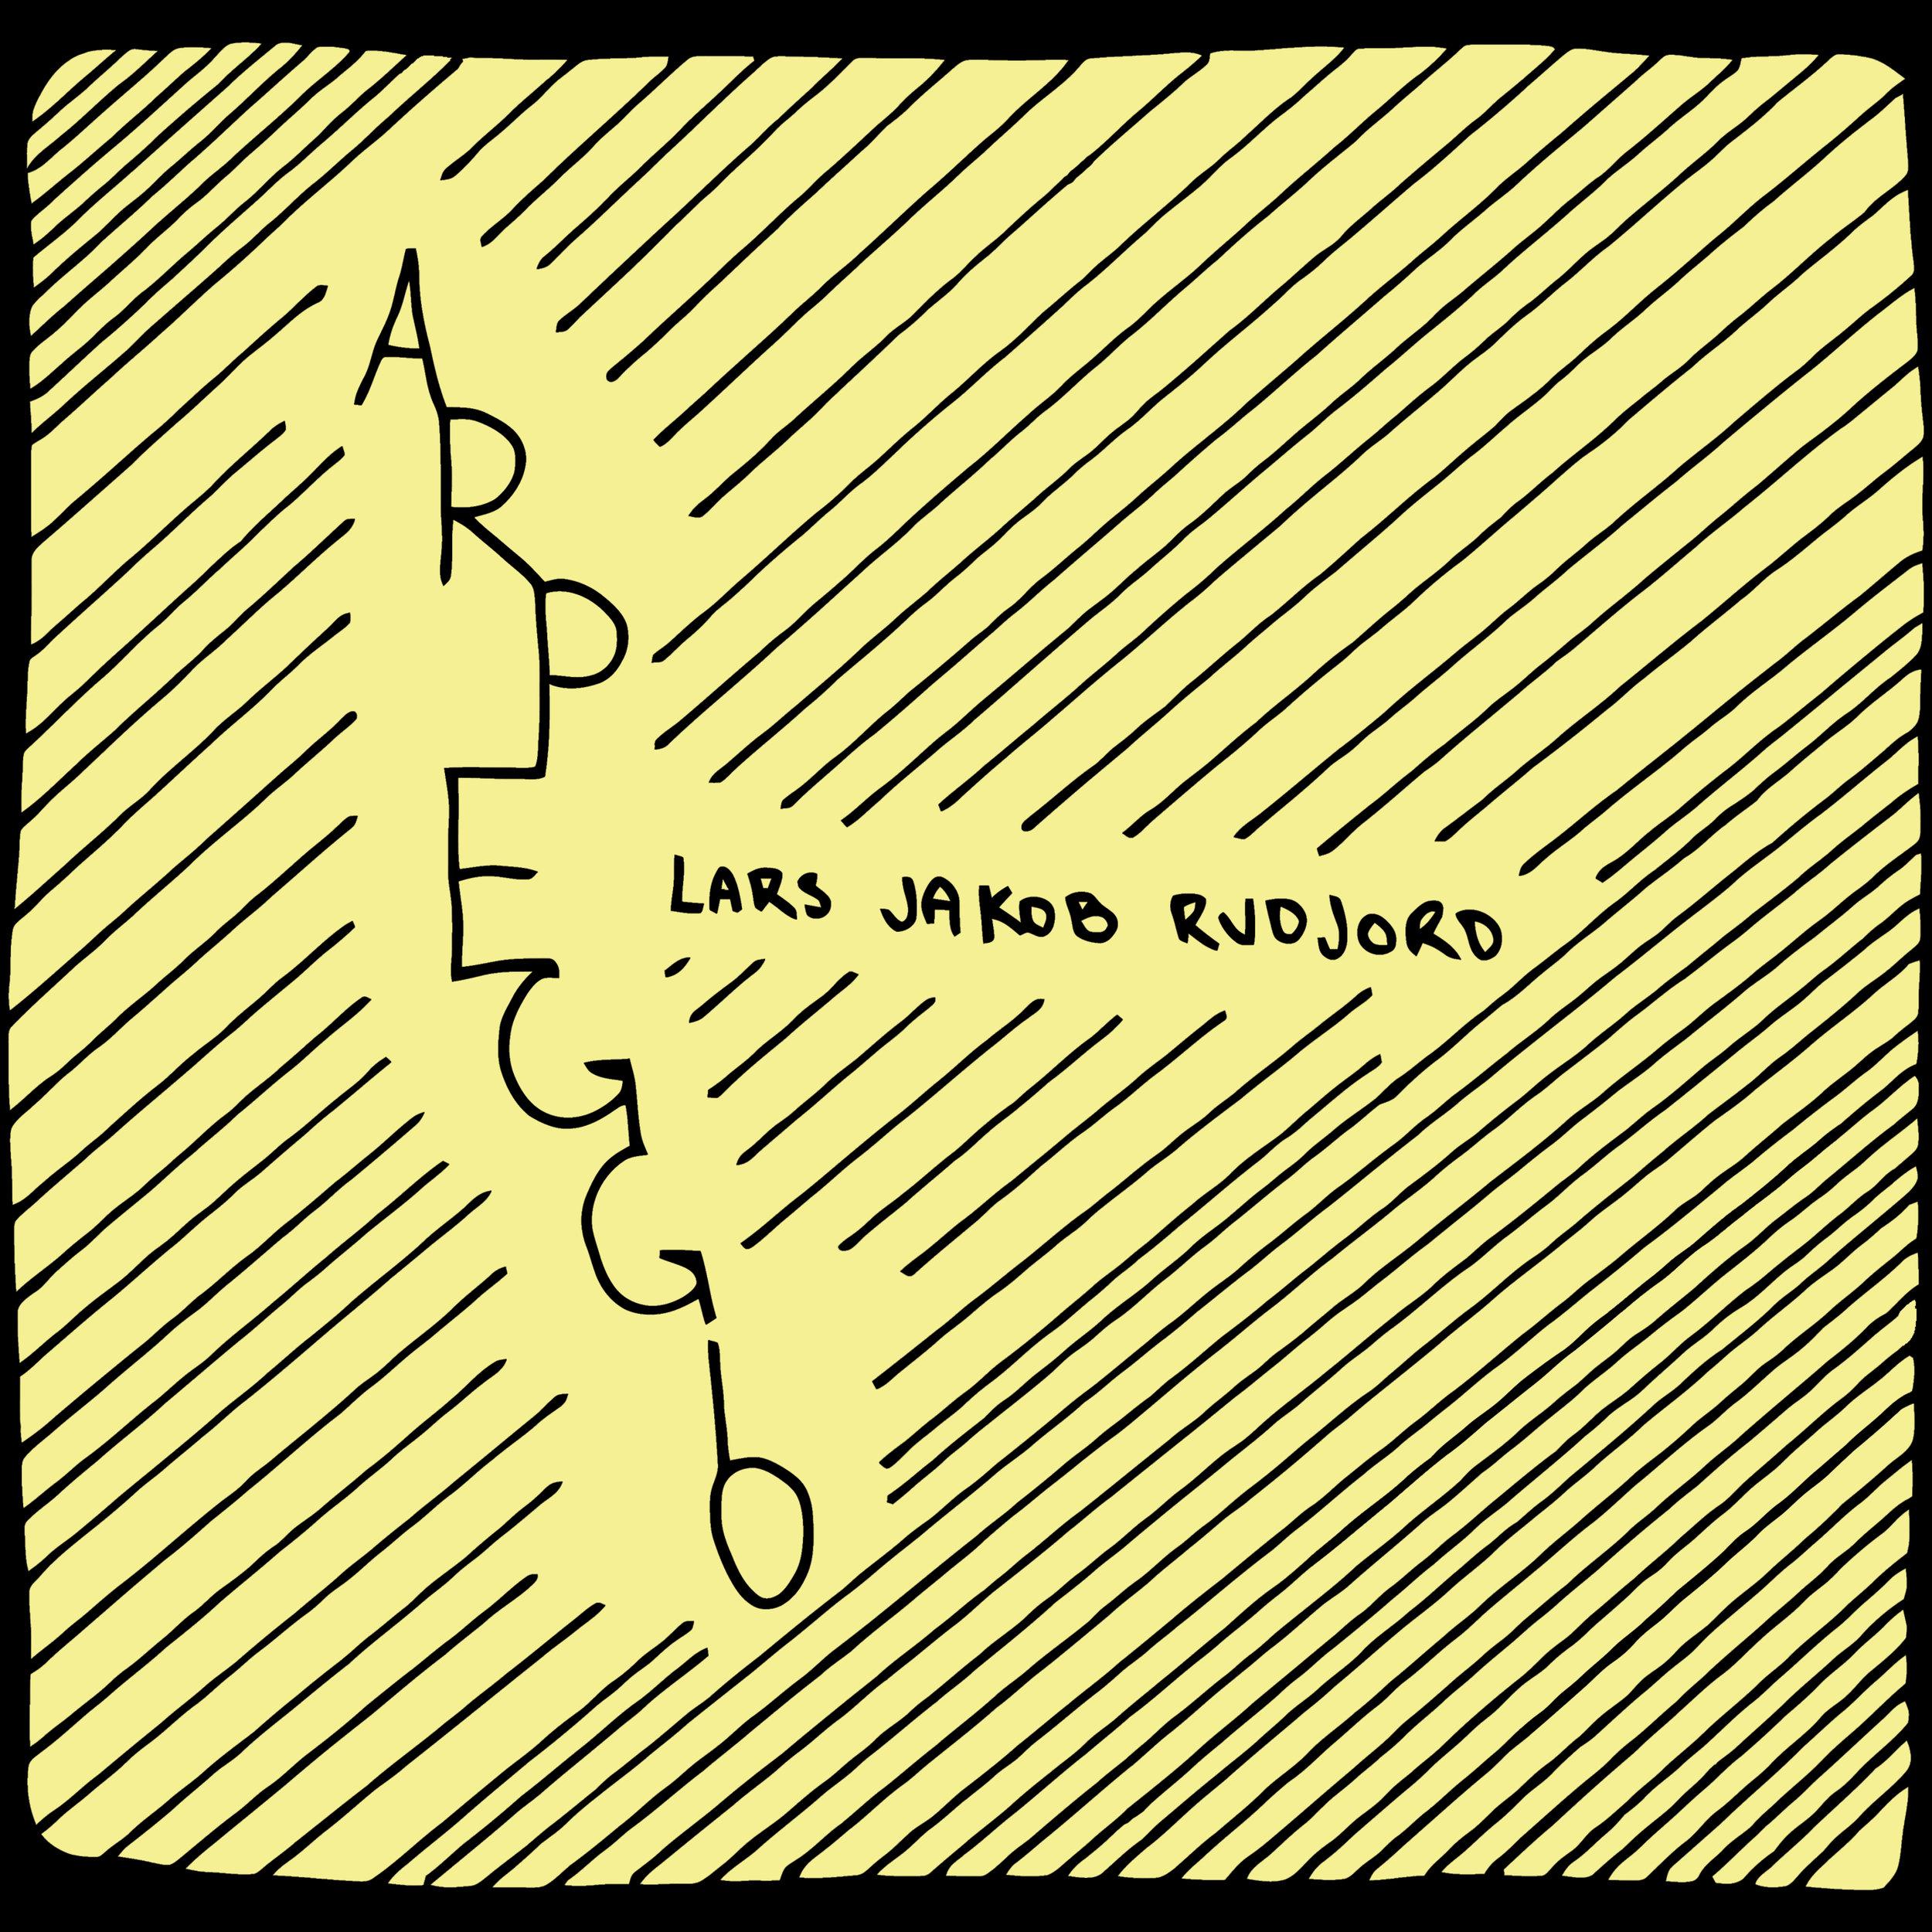 Arpeggio EP - Lars Jakob Rudjord